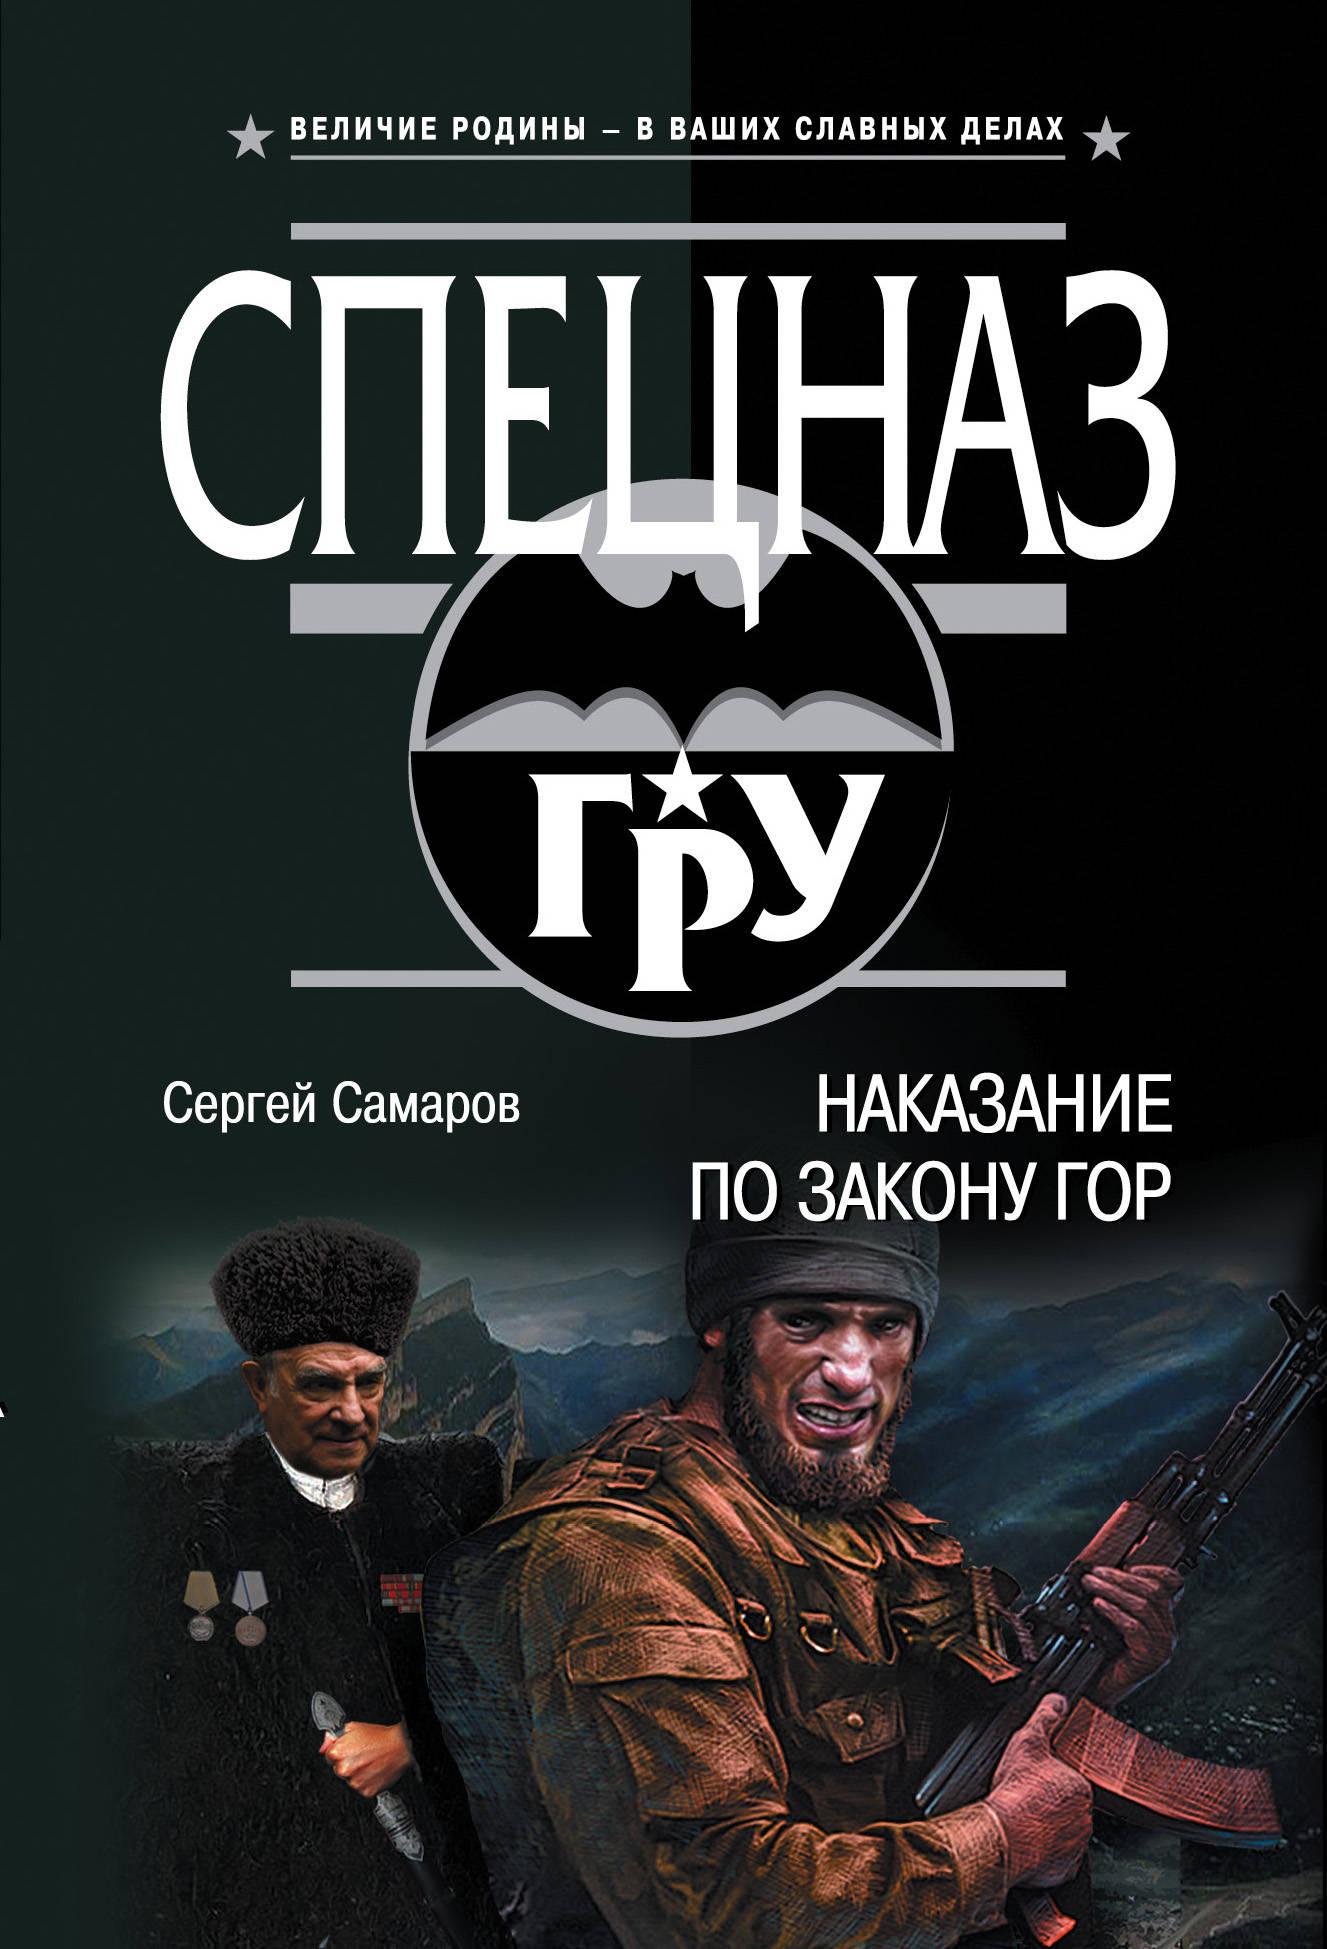 Самаров Сергей Васильевич Наказание по закону гор